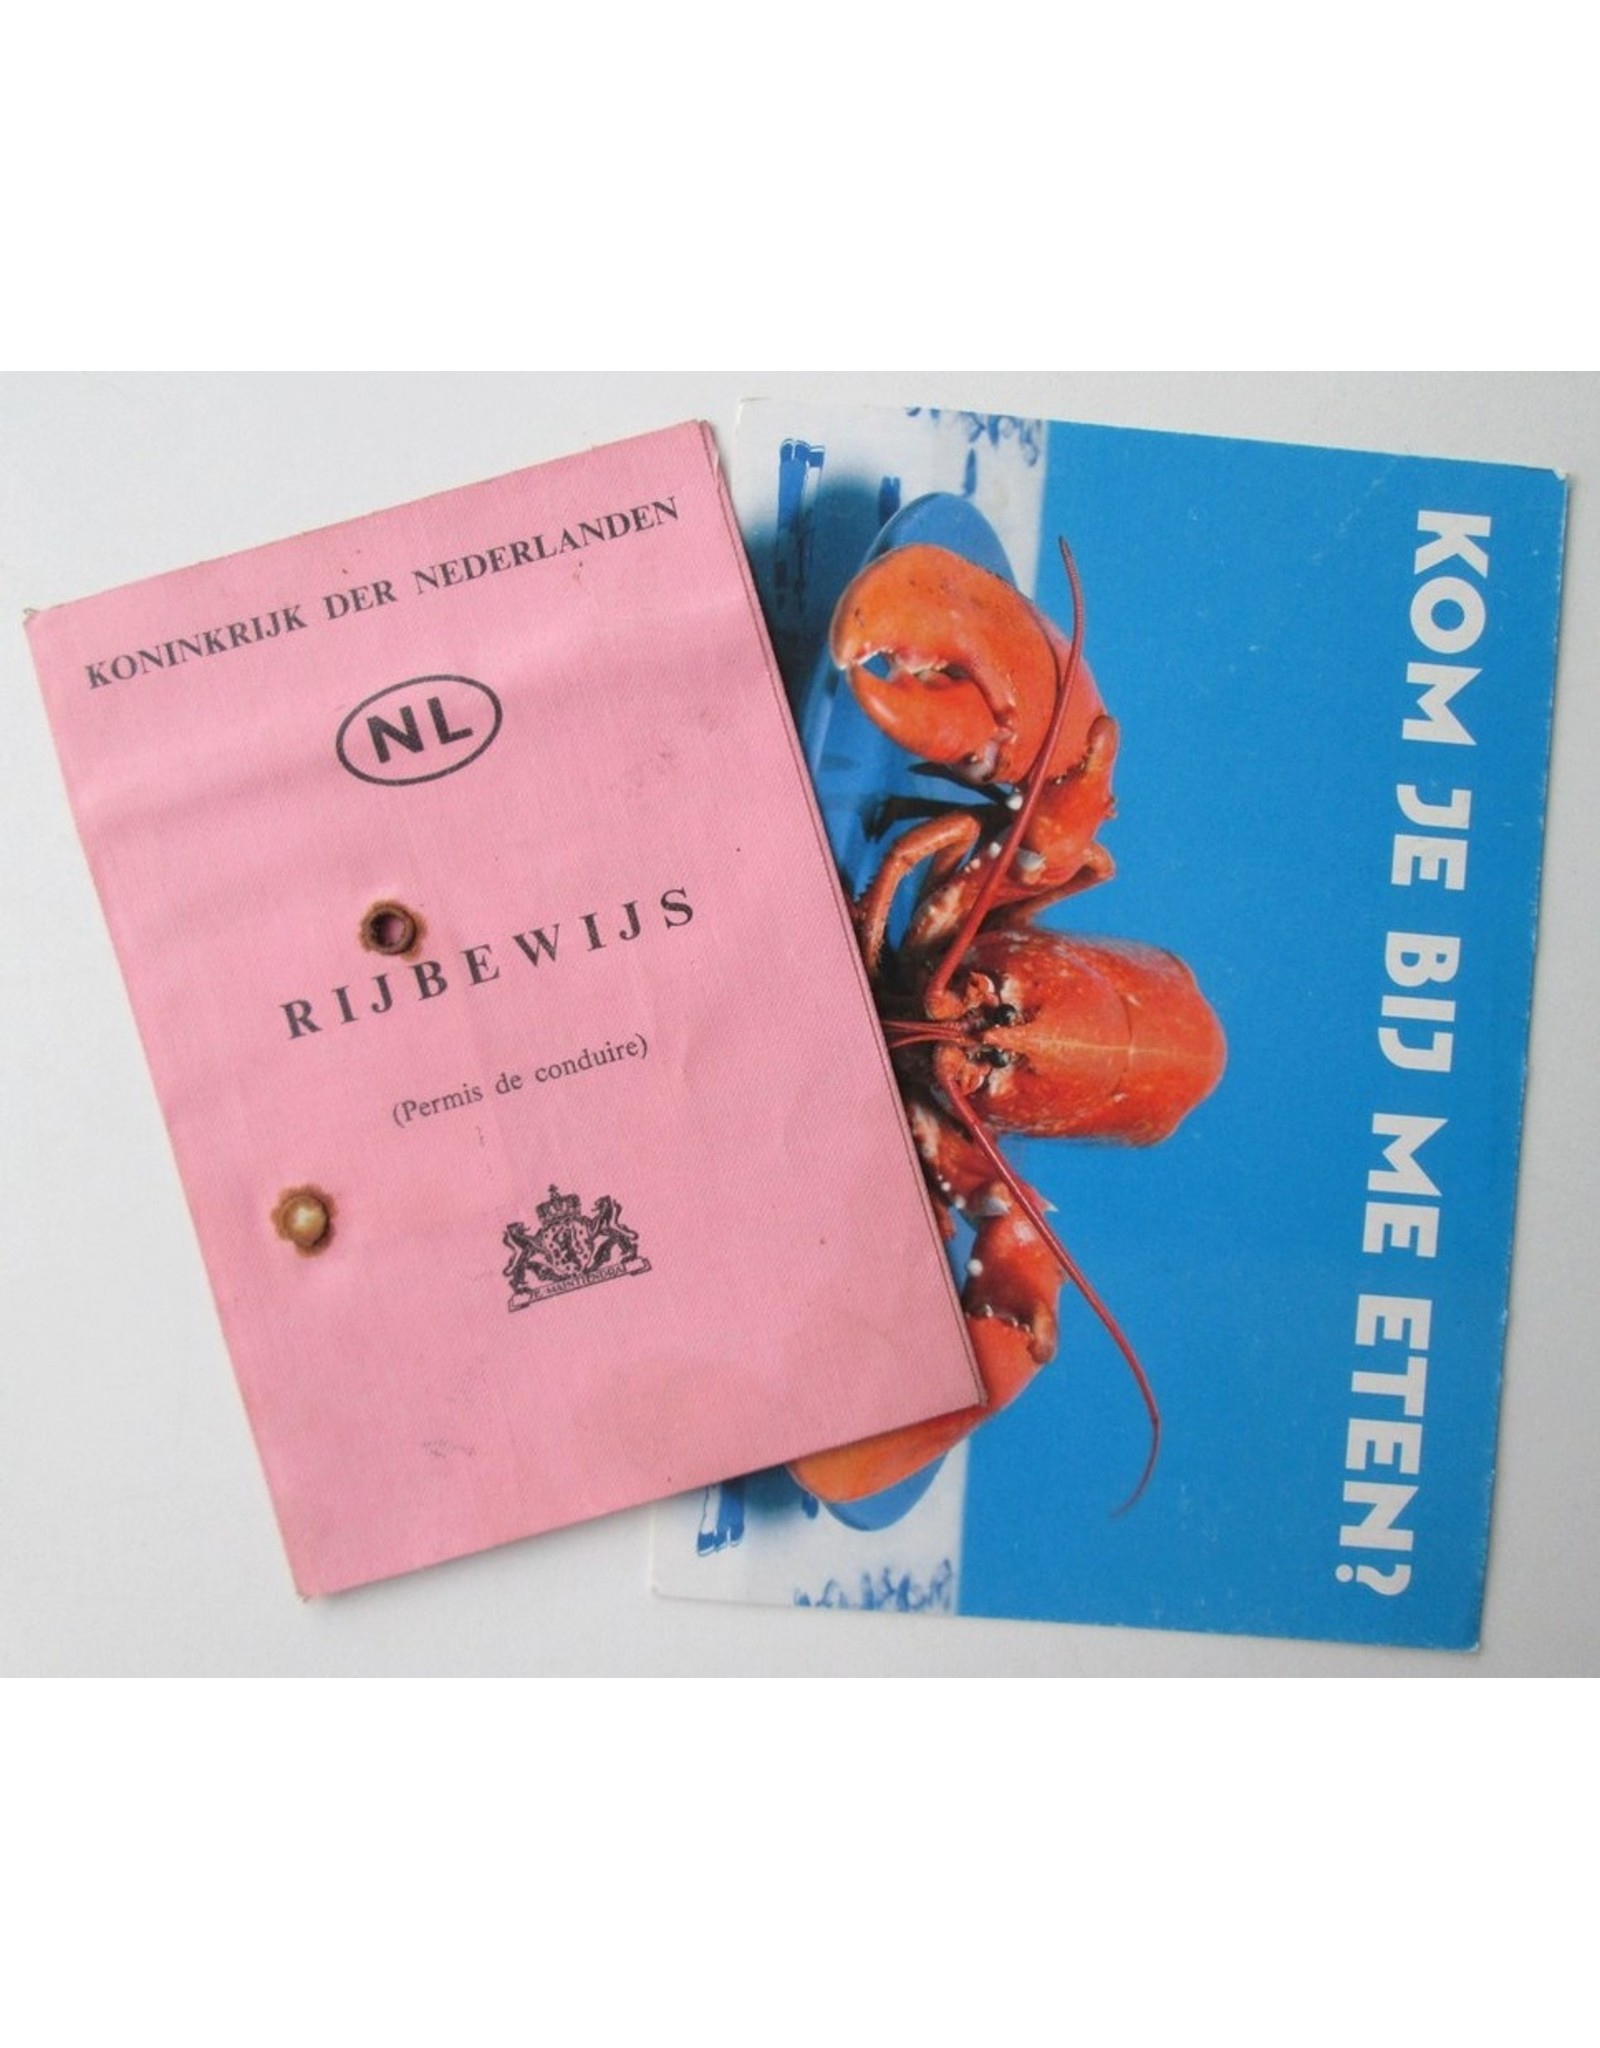 Herman Koch - Rijbewijs A (Permis de conduire) NL: Koninkrijk der Nederlanden